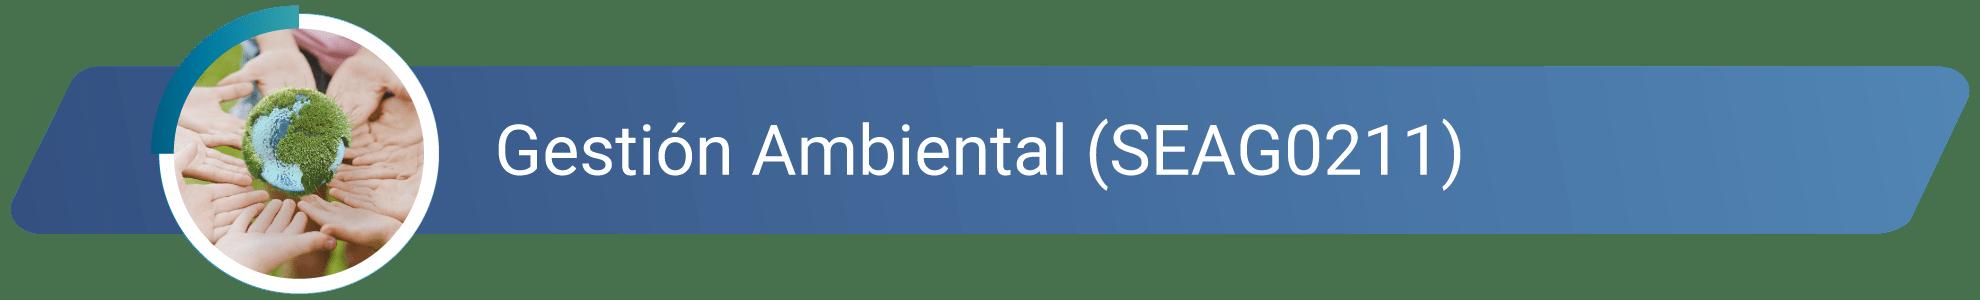 SEAG0211 - Gestión Ambiental